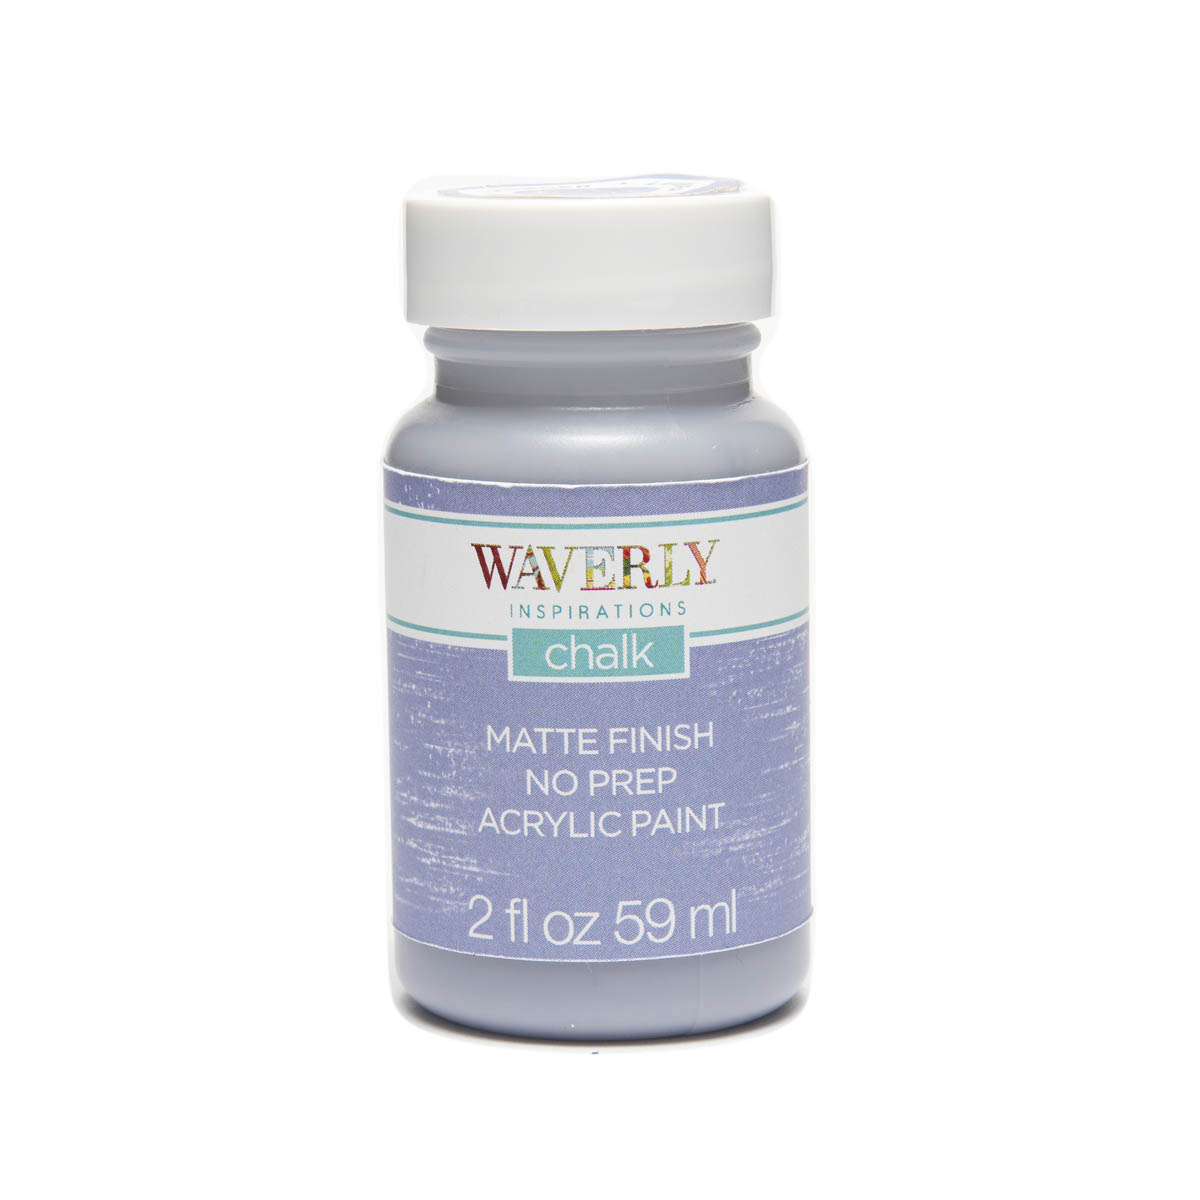 Waverly ® Inspirations Chalk Finish Acrylic Paint - Lavender, 2 oz.